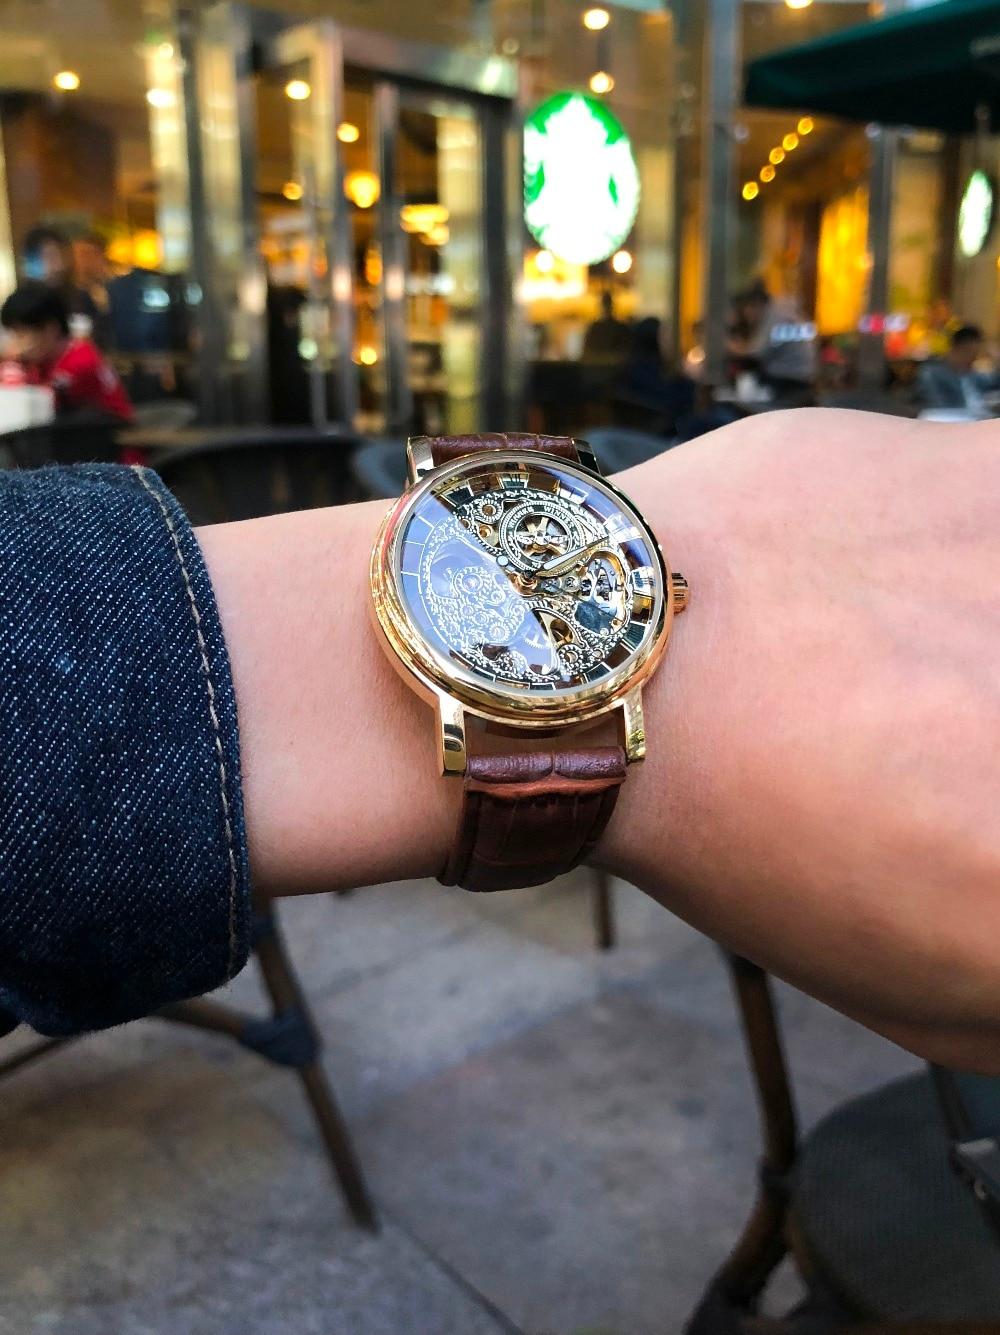 HTB1Mi4ej9tYBeNjSspaq6yOOFXaF Winner Transparent Golden Case Luxury Casual Design Brown Leather Strap Mens Watches Top Brand Luxury Mechanical Skeleton Watch